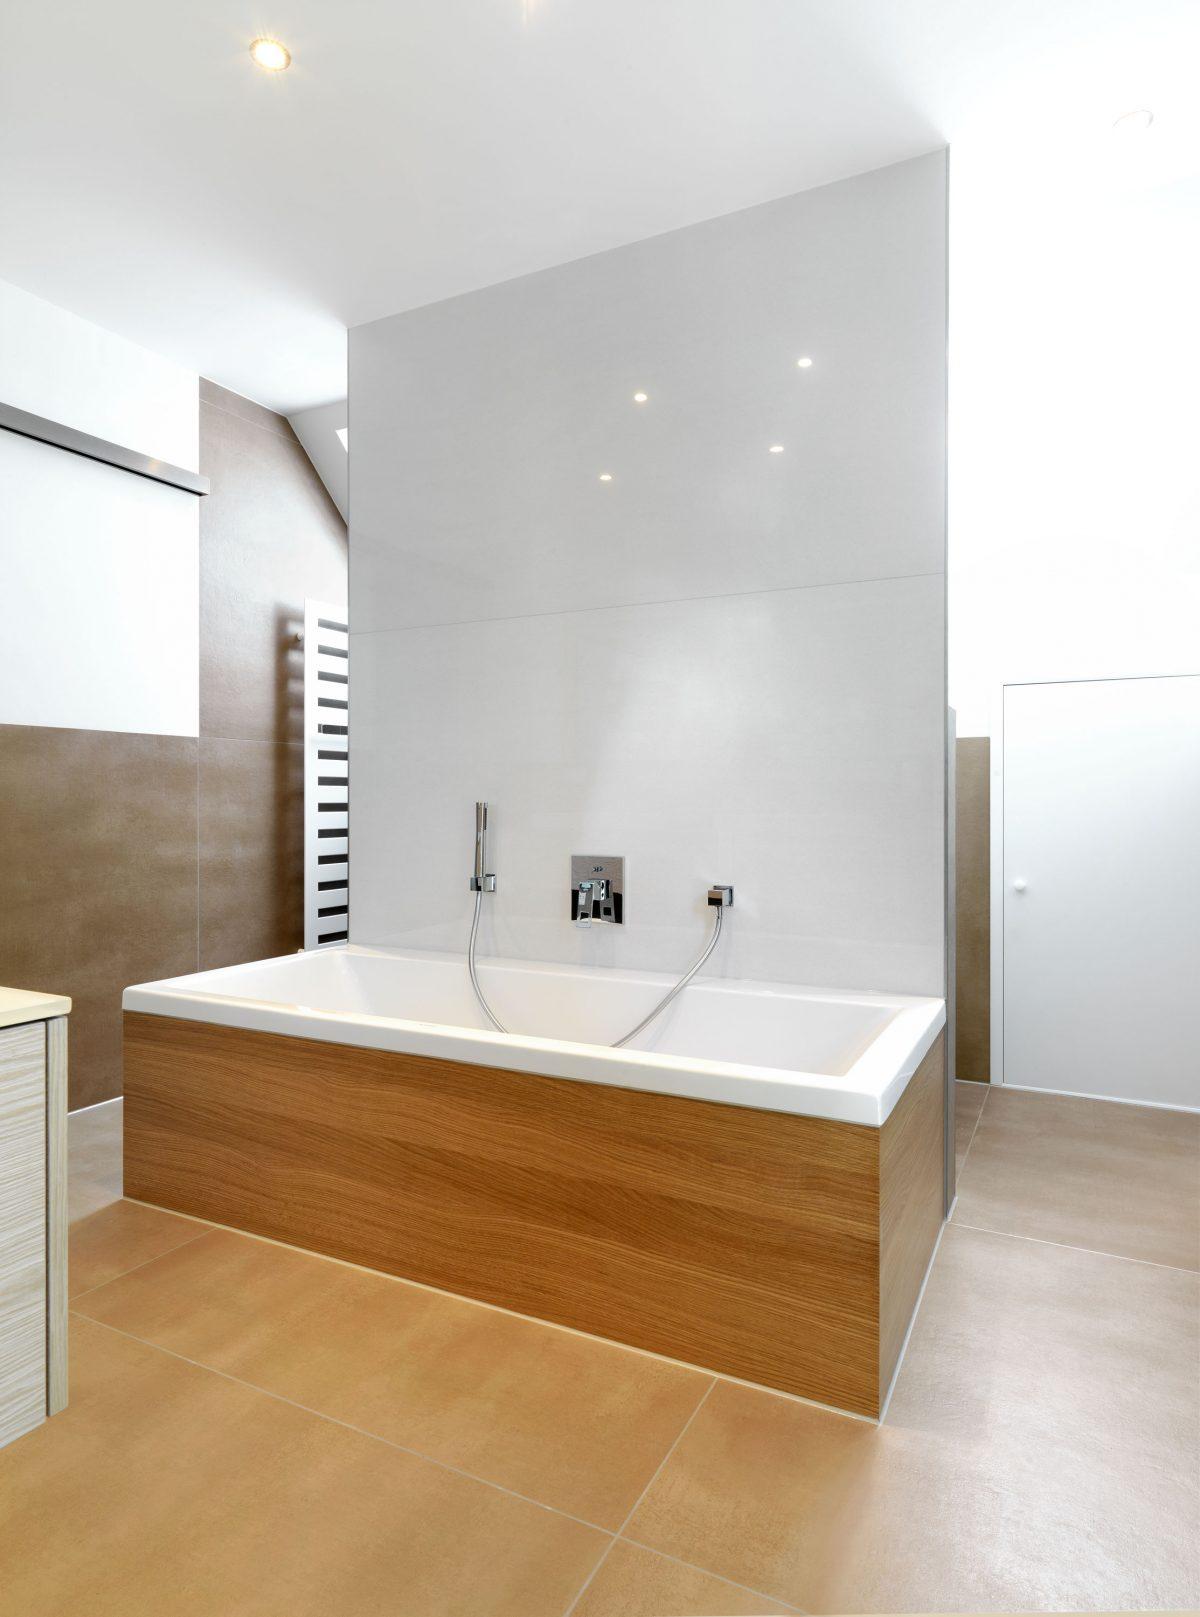 Die Badewanne im Haus RSO als Raumtrenner vor dem Dusch- und WC-Bereich.